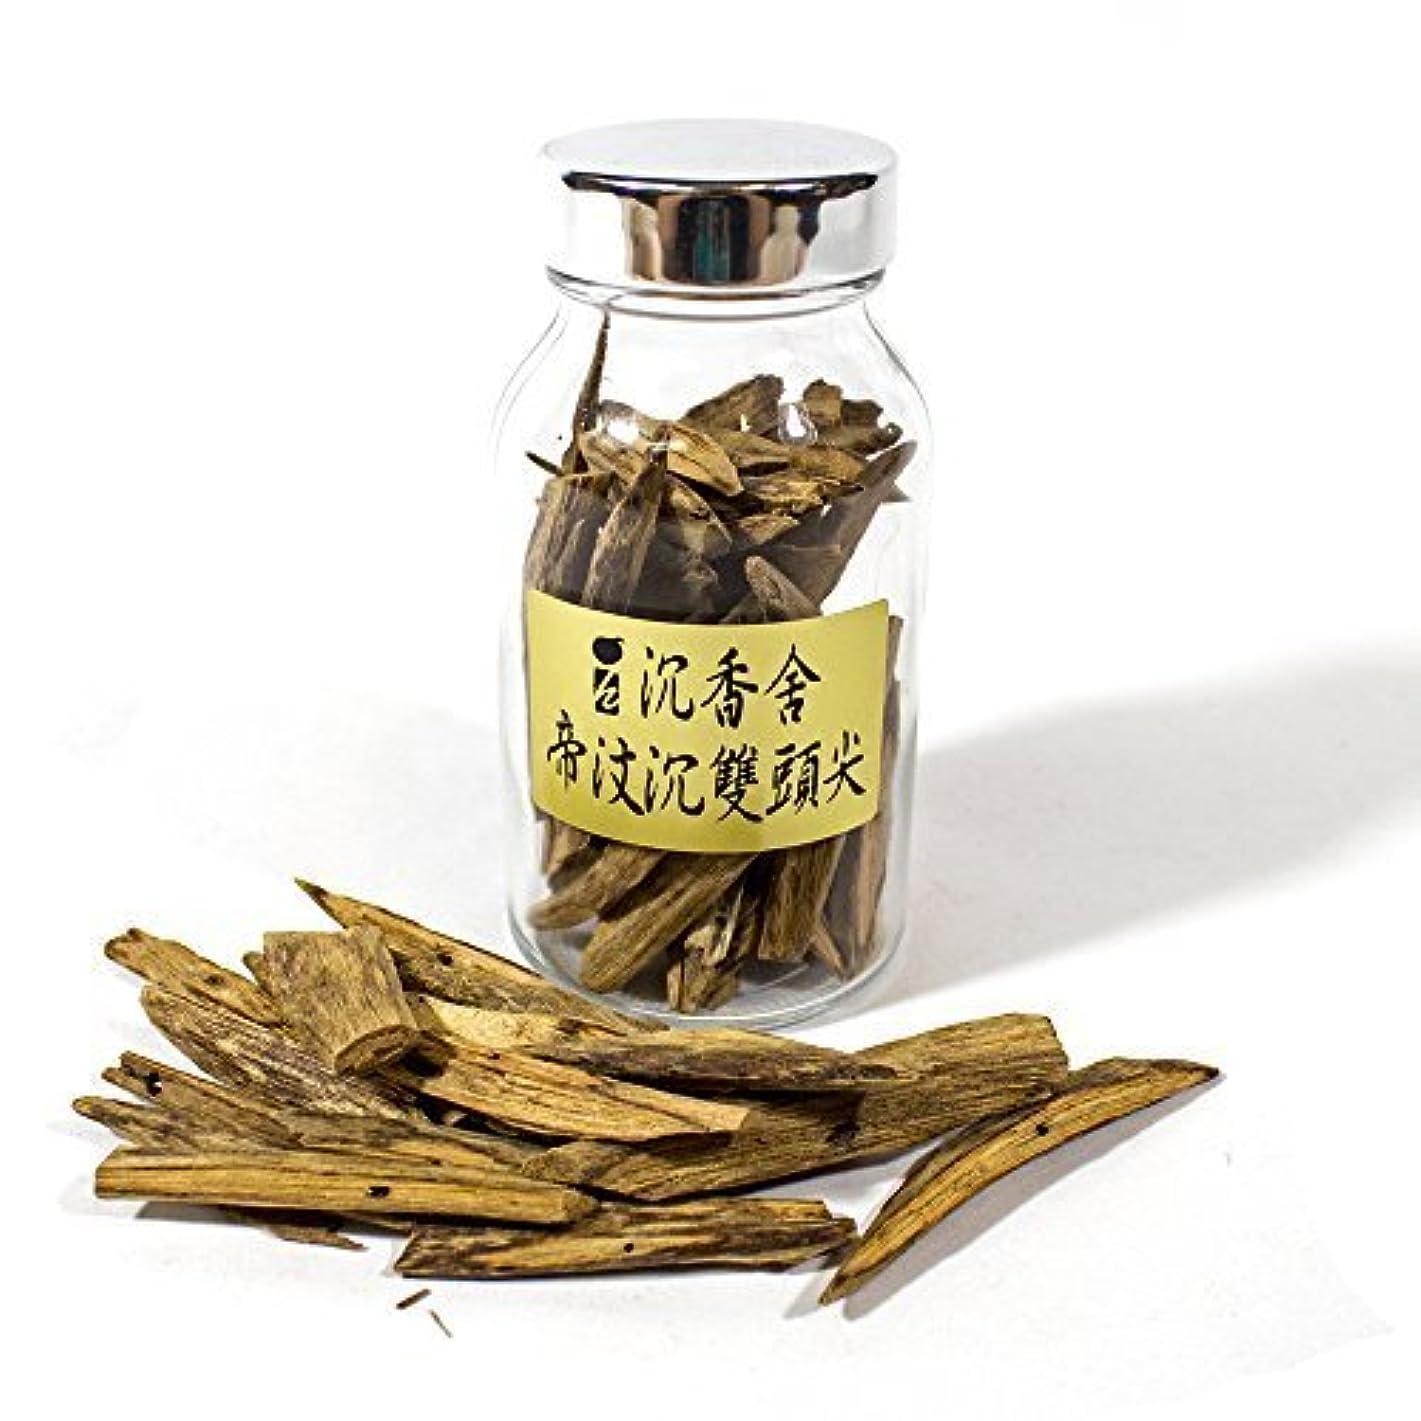 省略禁止するオフェンスAgarwood Aloeswood Chip Scrap - TiMor Island 20g Collection Grade by IncenseHouse - Raw Material [並行輸入品]